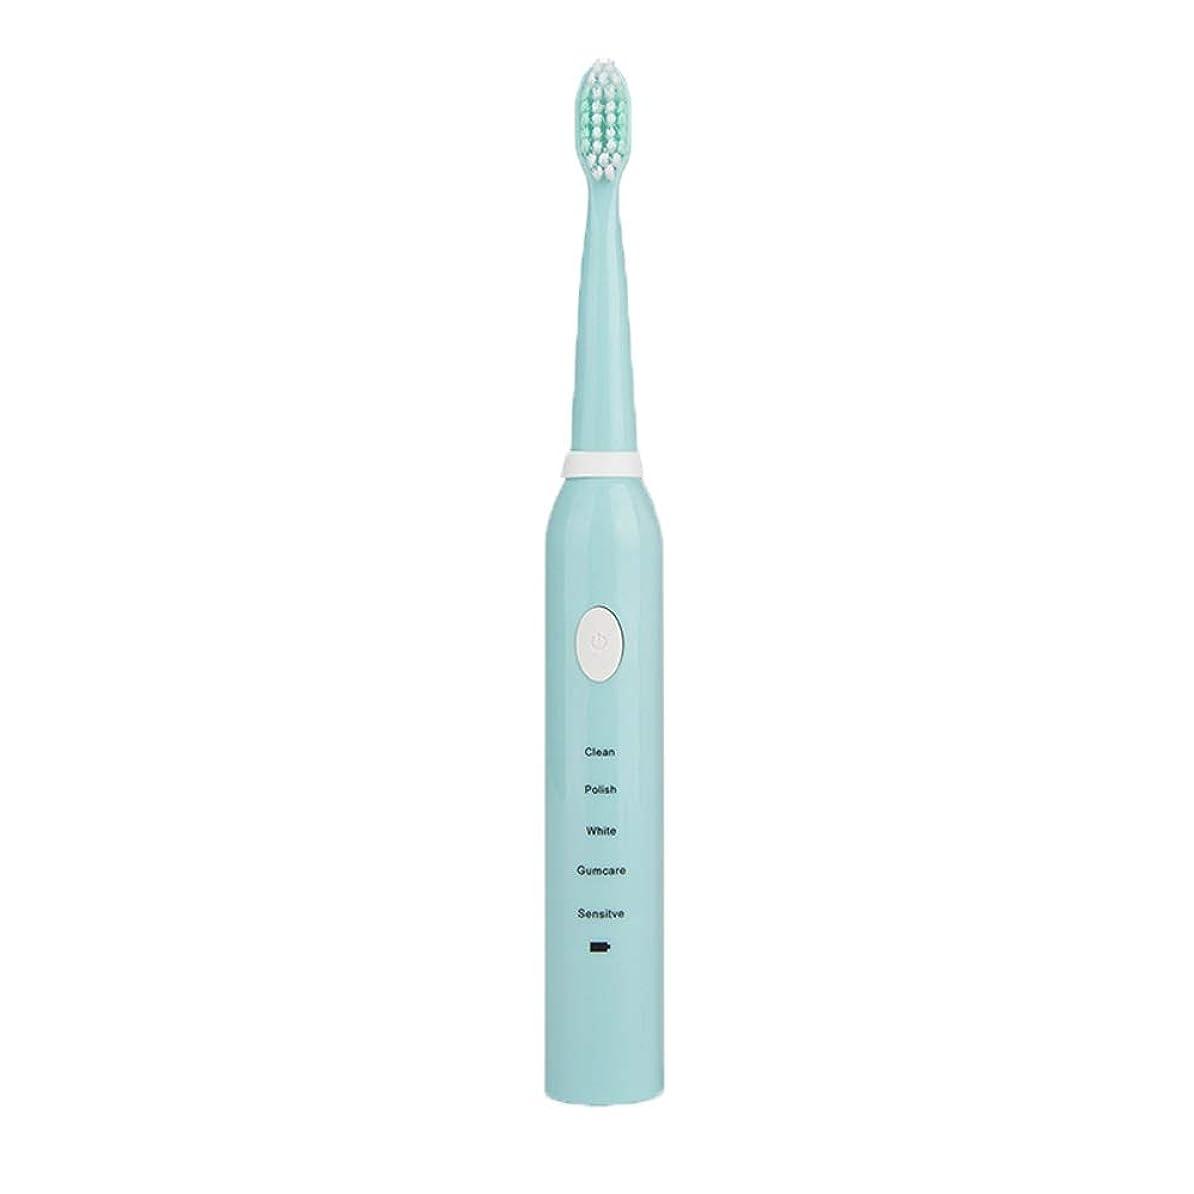 システム加害者ビルダー歯科治療 ソニック電動歯ブラシ男性と女性の大人の家庭用充電式ソフトヘア自動防水カップルモデル (Color : A)